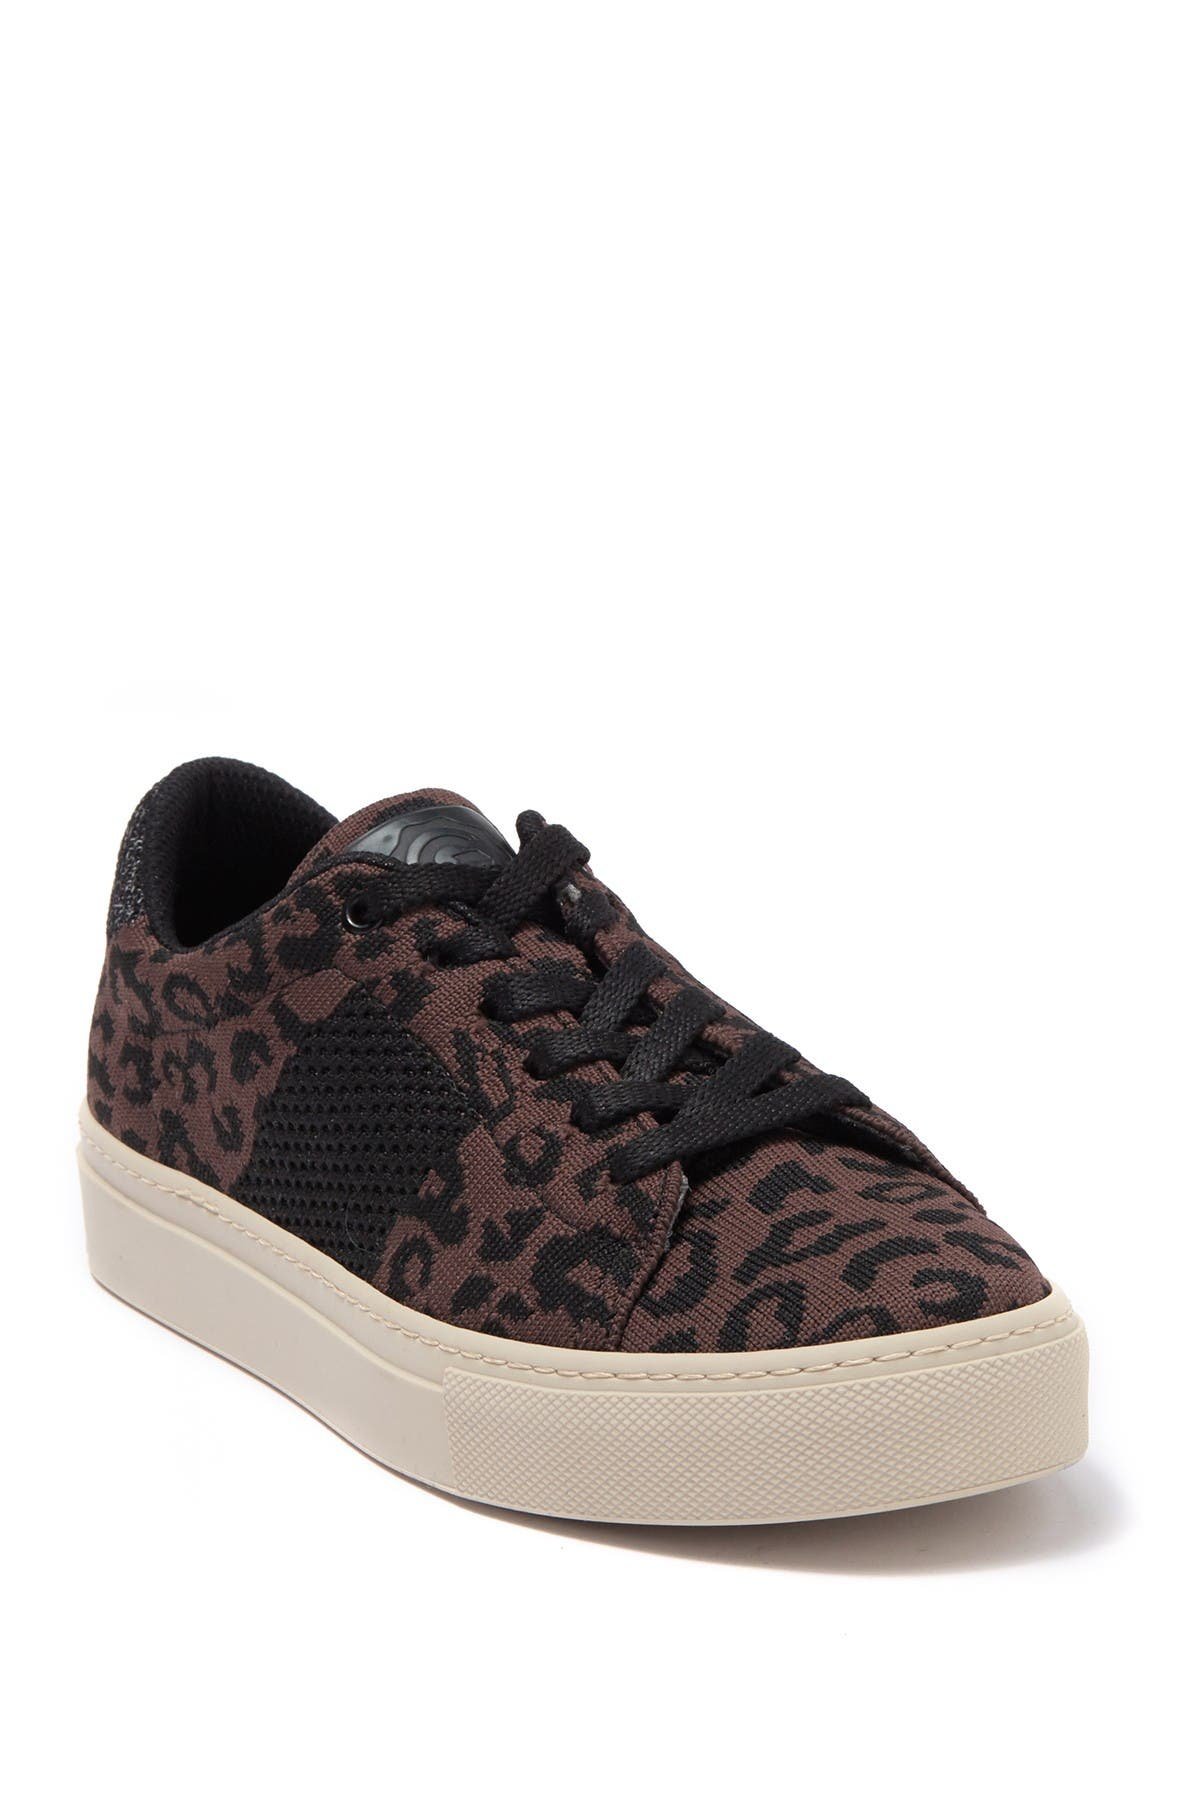 GREATS | Royale Knit Sneaker